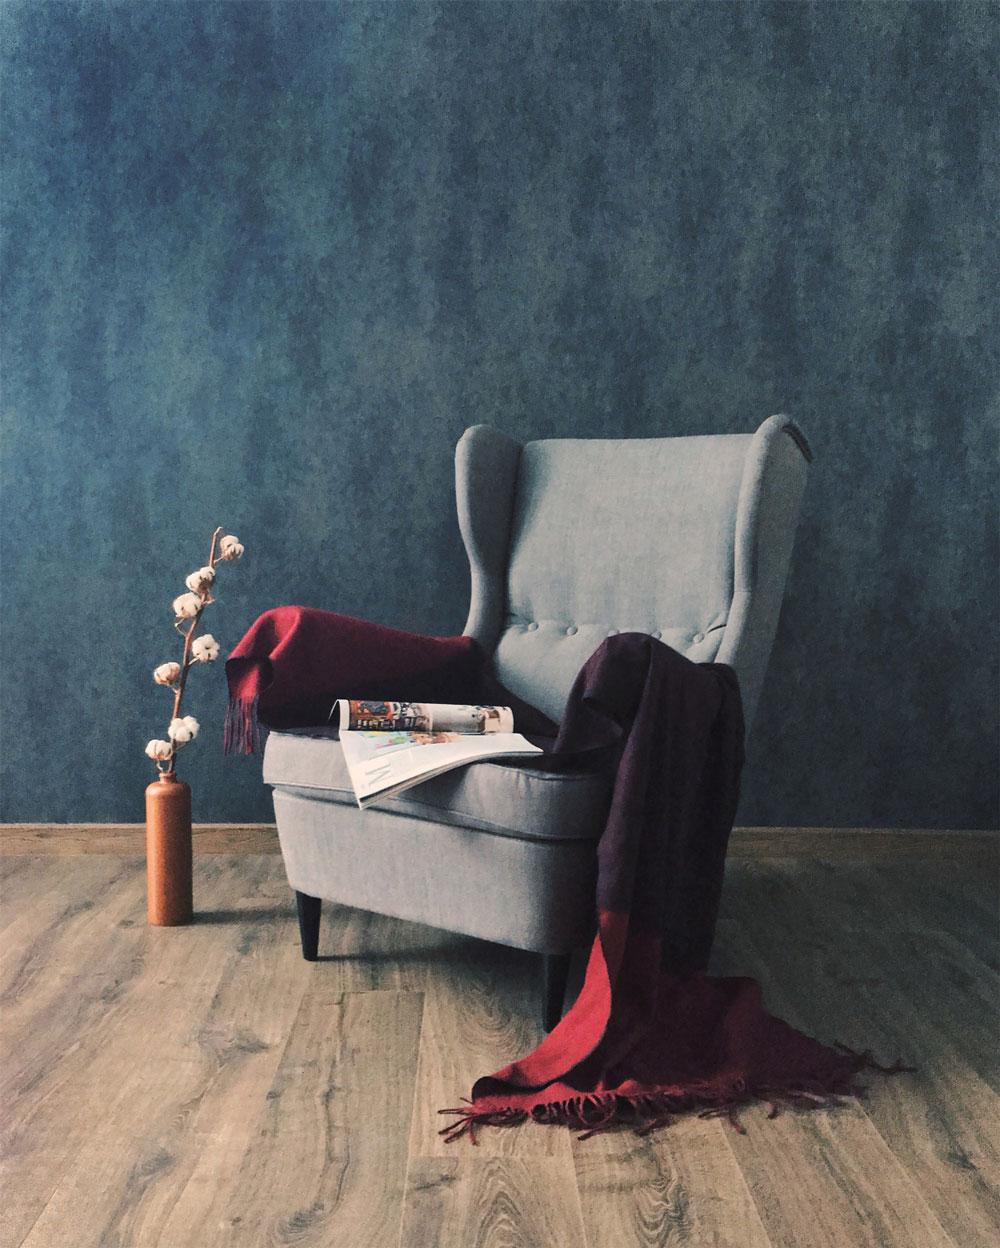 Chair Furniture